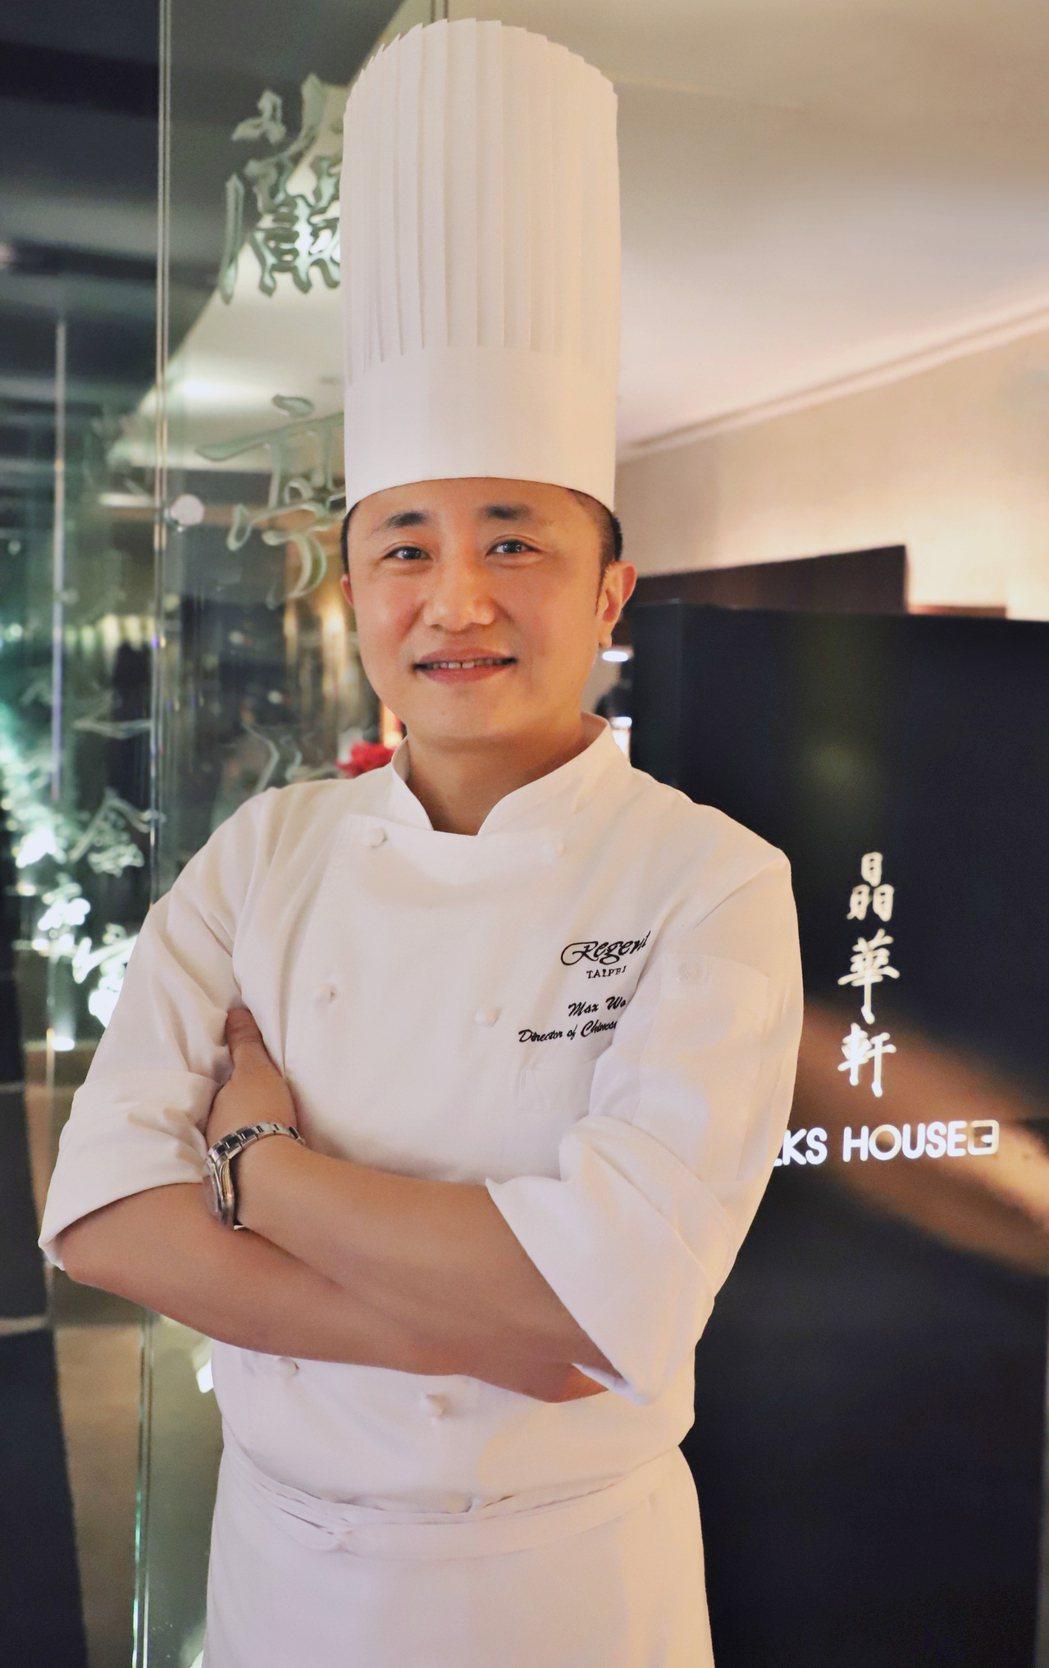 晶華新聞稿_專案套餐是由晶華軒中餐廚藝總監鄔海明操刀設計 (2) 業者/提供